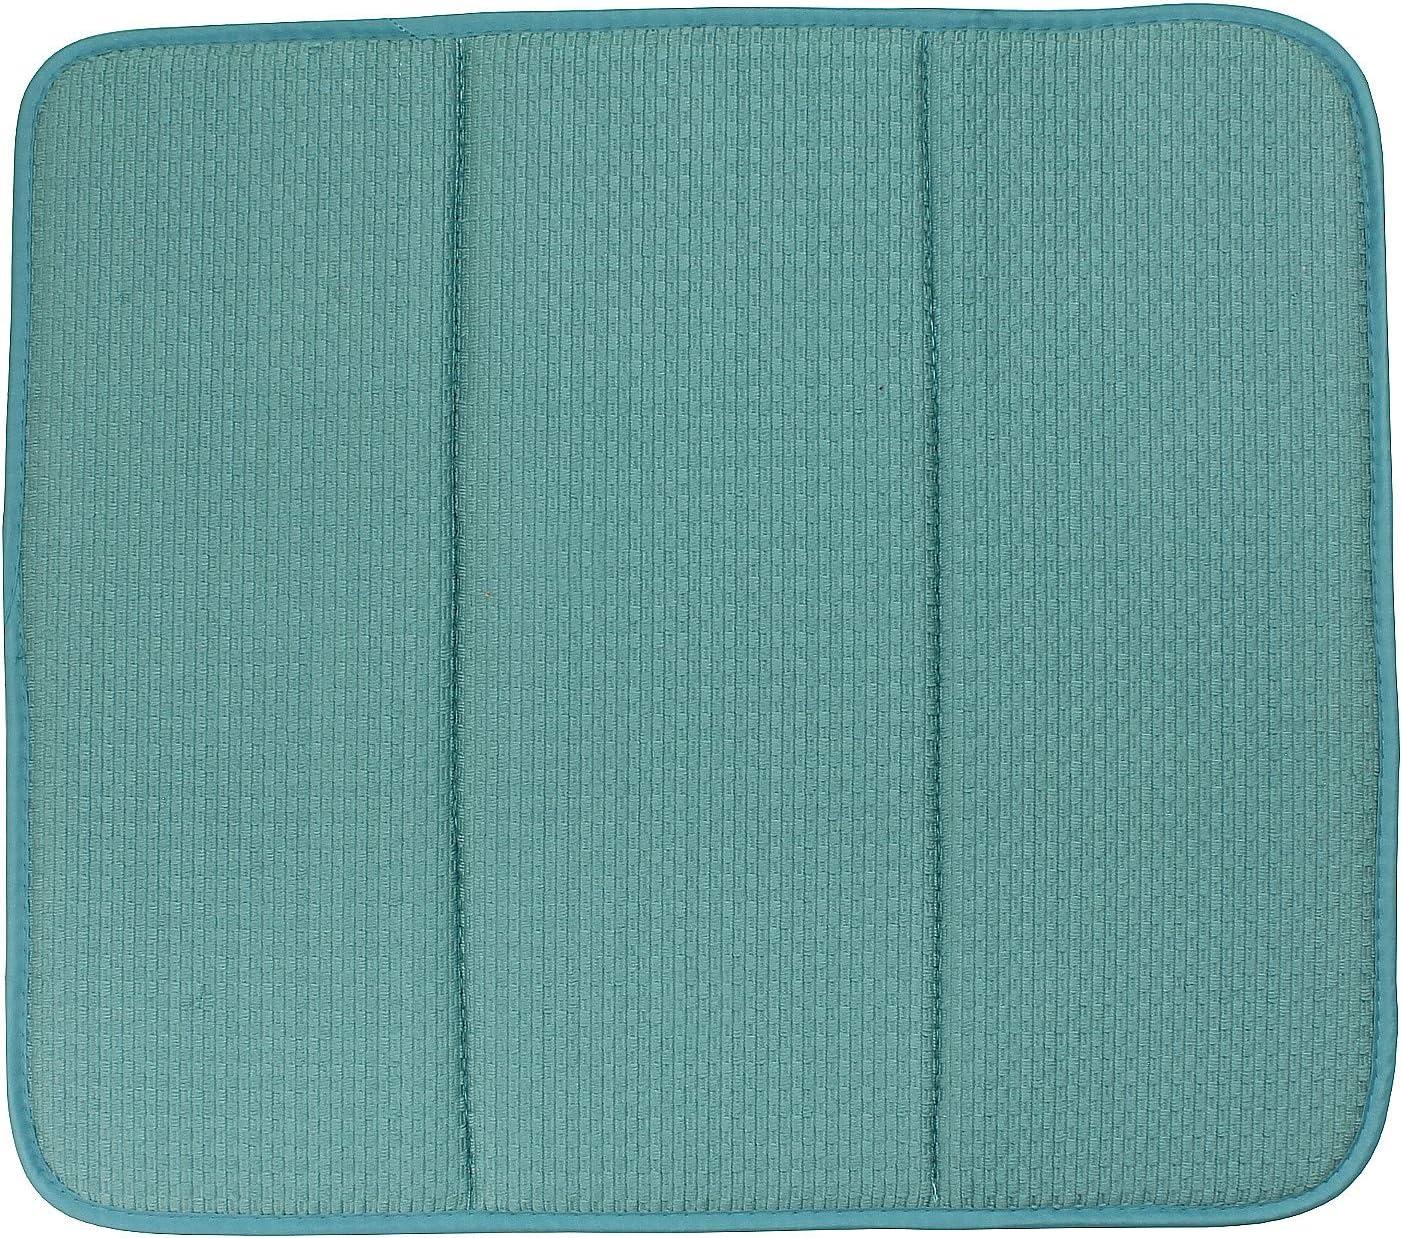 macosa SP1161/Moderna Escurreplatos Microfibra selbsttrocknend| para Vasos y vajilla 41 x 46 x 0,5 cm Gris Microfibra Vajilla de alfombras Estante Fregadero escurridor